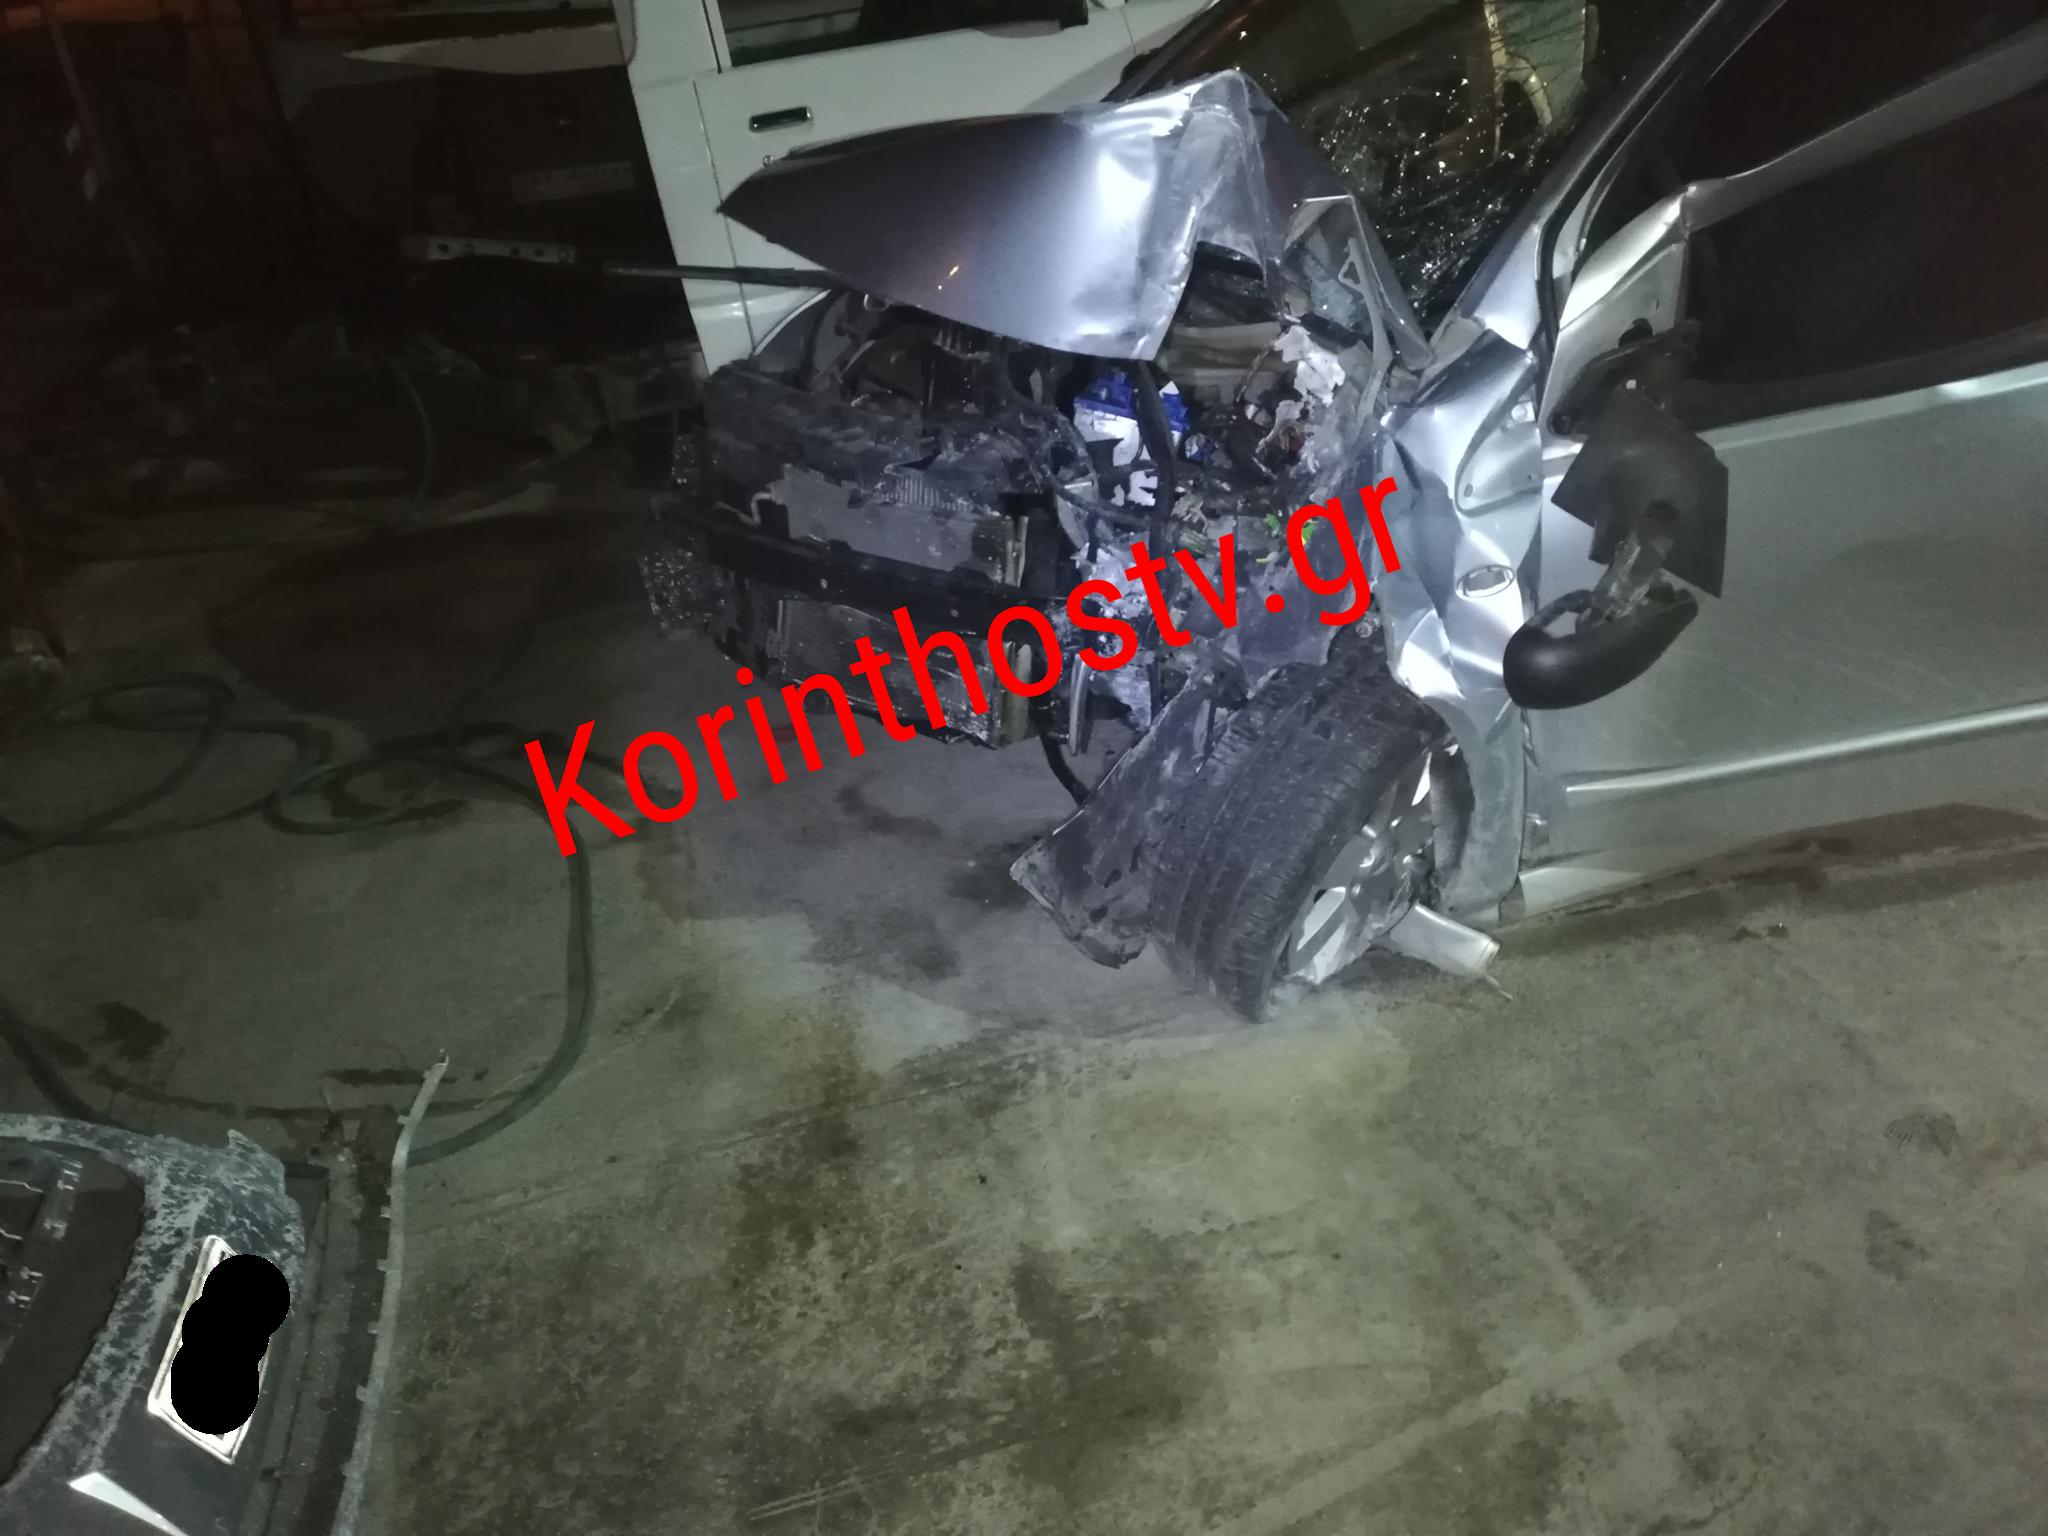 Κόρινθος: Θλίψη για 30χρονη οδηγό που σκοτώθηκε σε τροχαίο – Διαλύθηκε το μοιραίο αυτοκίνητο (pic)